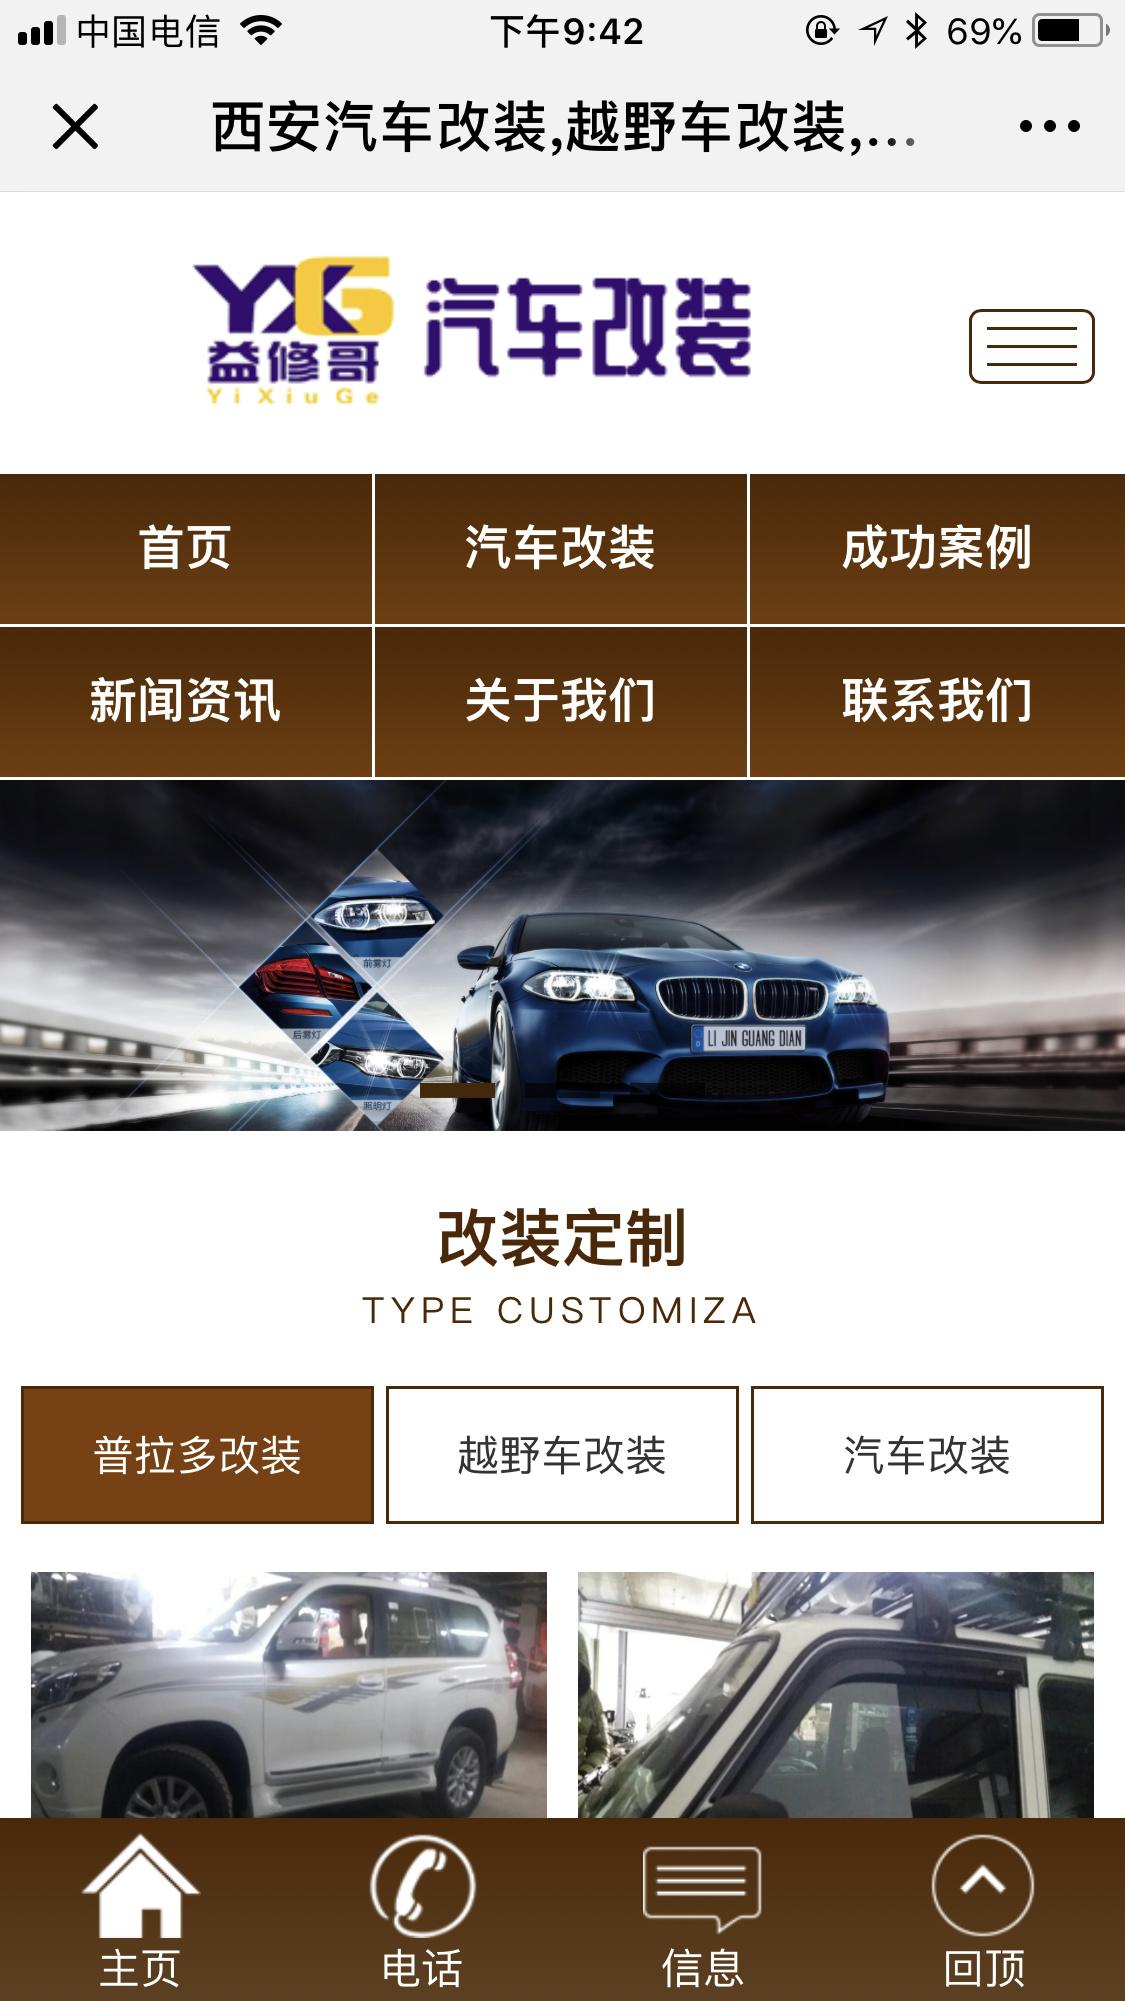 越野车改装店《益修哥》今日正式开通营销手机站移动营销已开启!